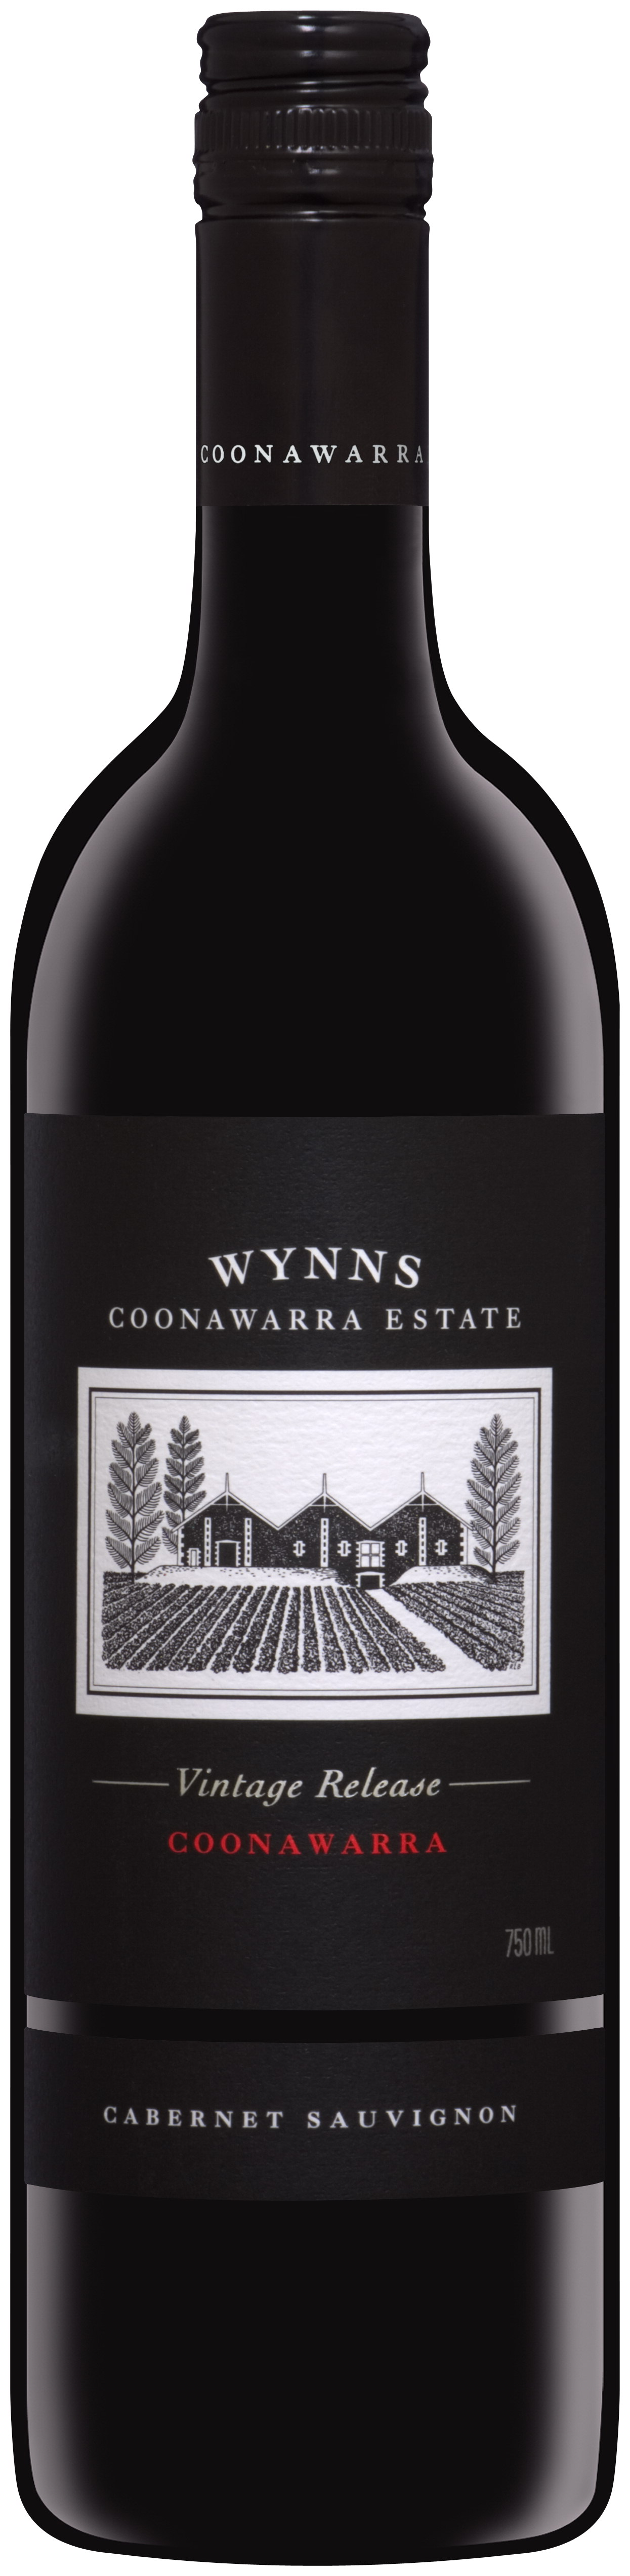 Wynns wine